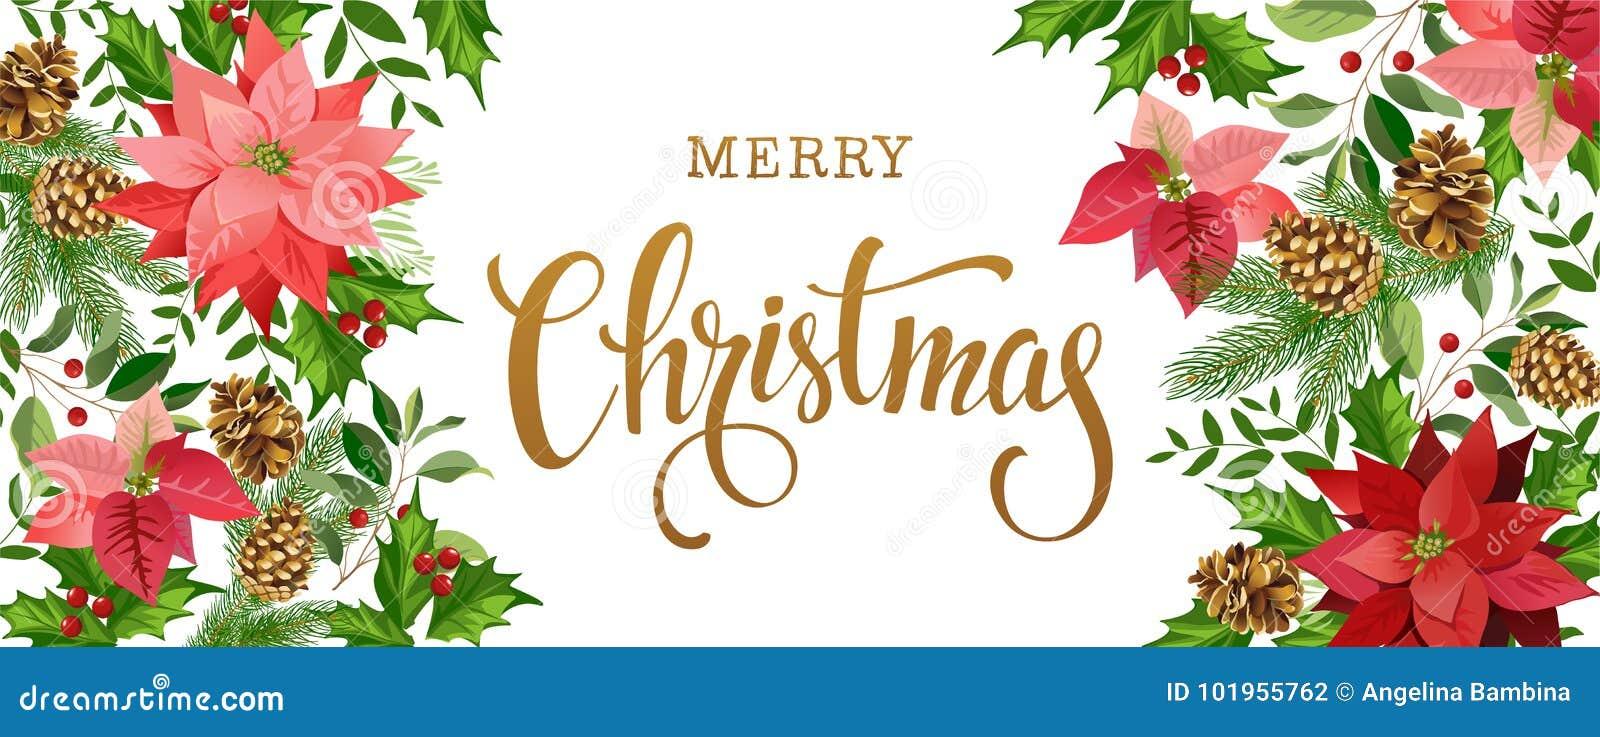 Boże Narodzenie projekta skład poinsecja, jodeł gałąź, rożki, holly i inny, rośliny Pokrywa, zaproszenie, sztandar